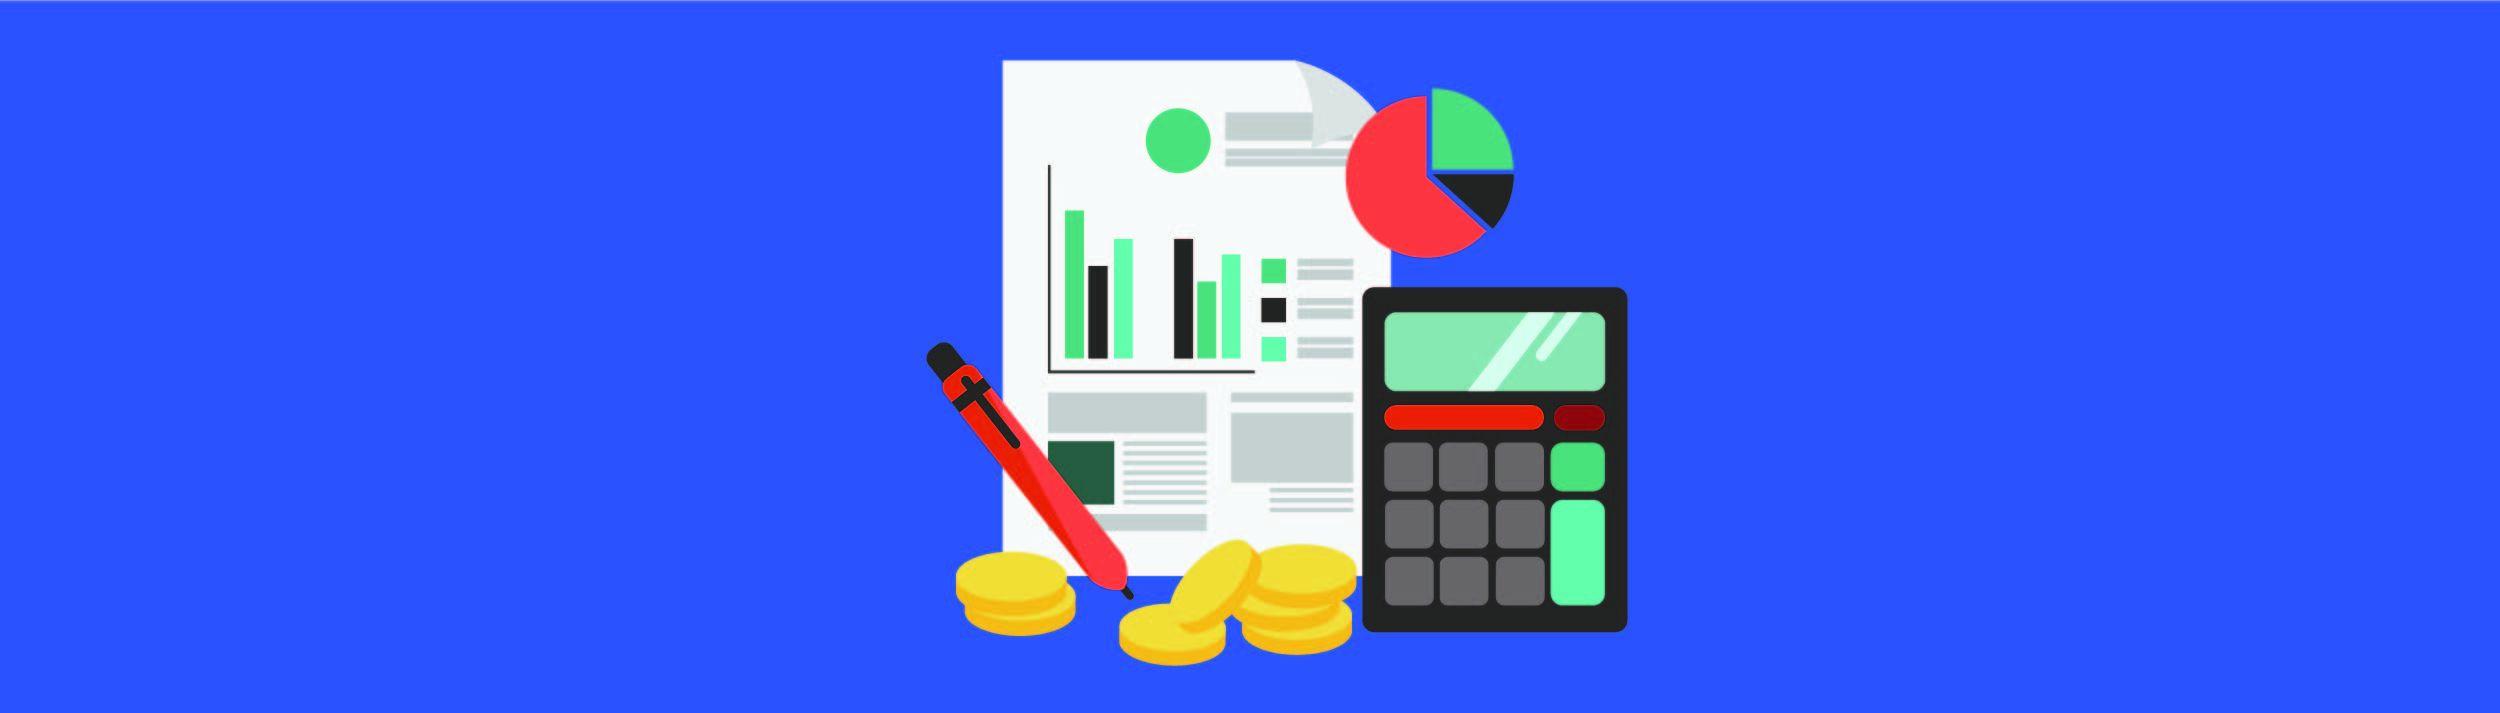 Các công thức tính lương cơ bản trong doanh nghiệp